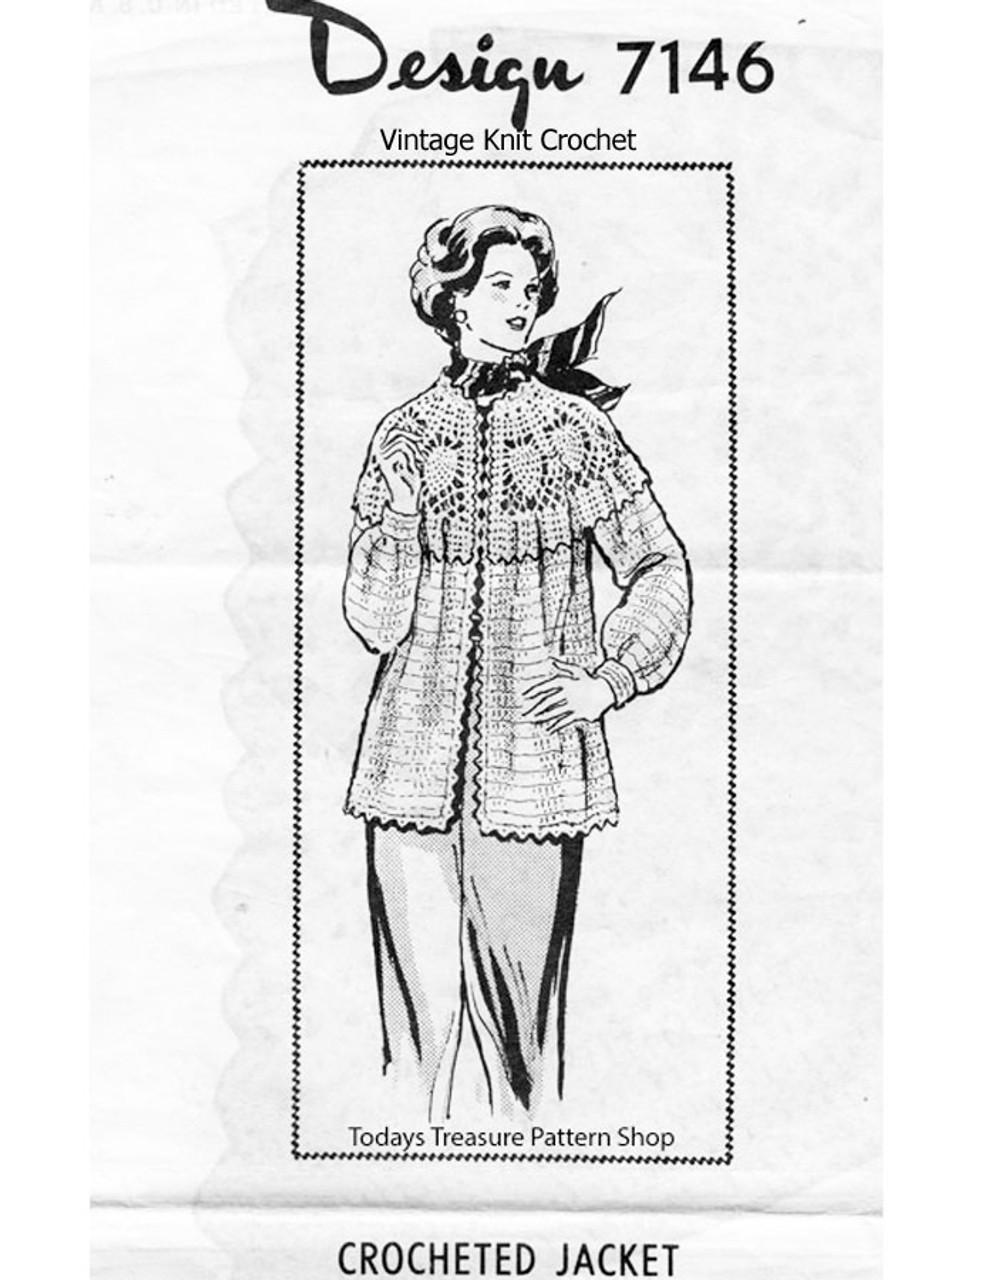 Plus Size Crochet Pineapple jacket pattern design 7146